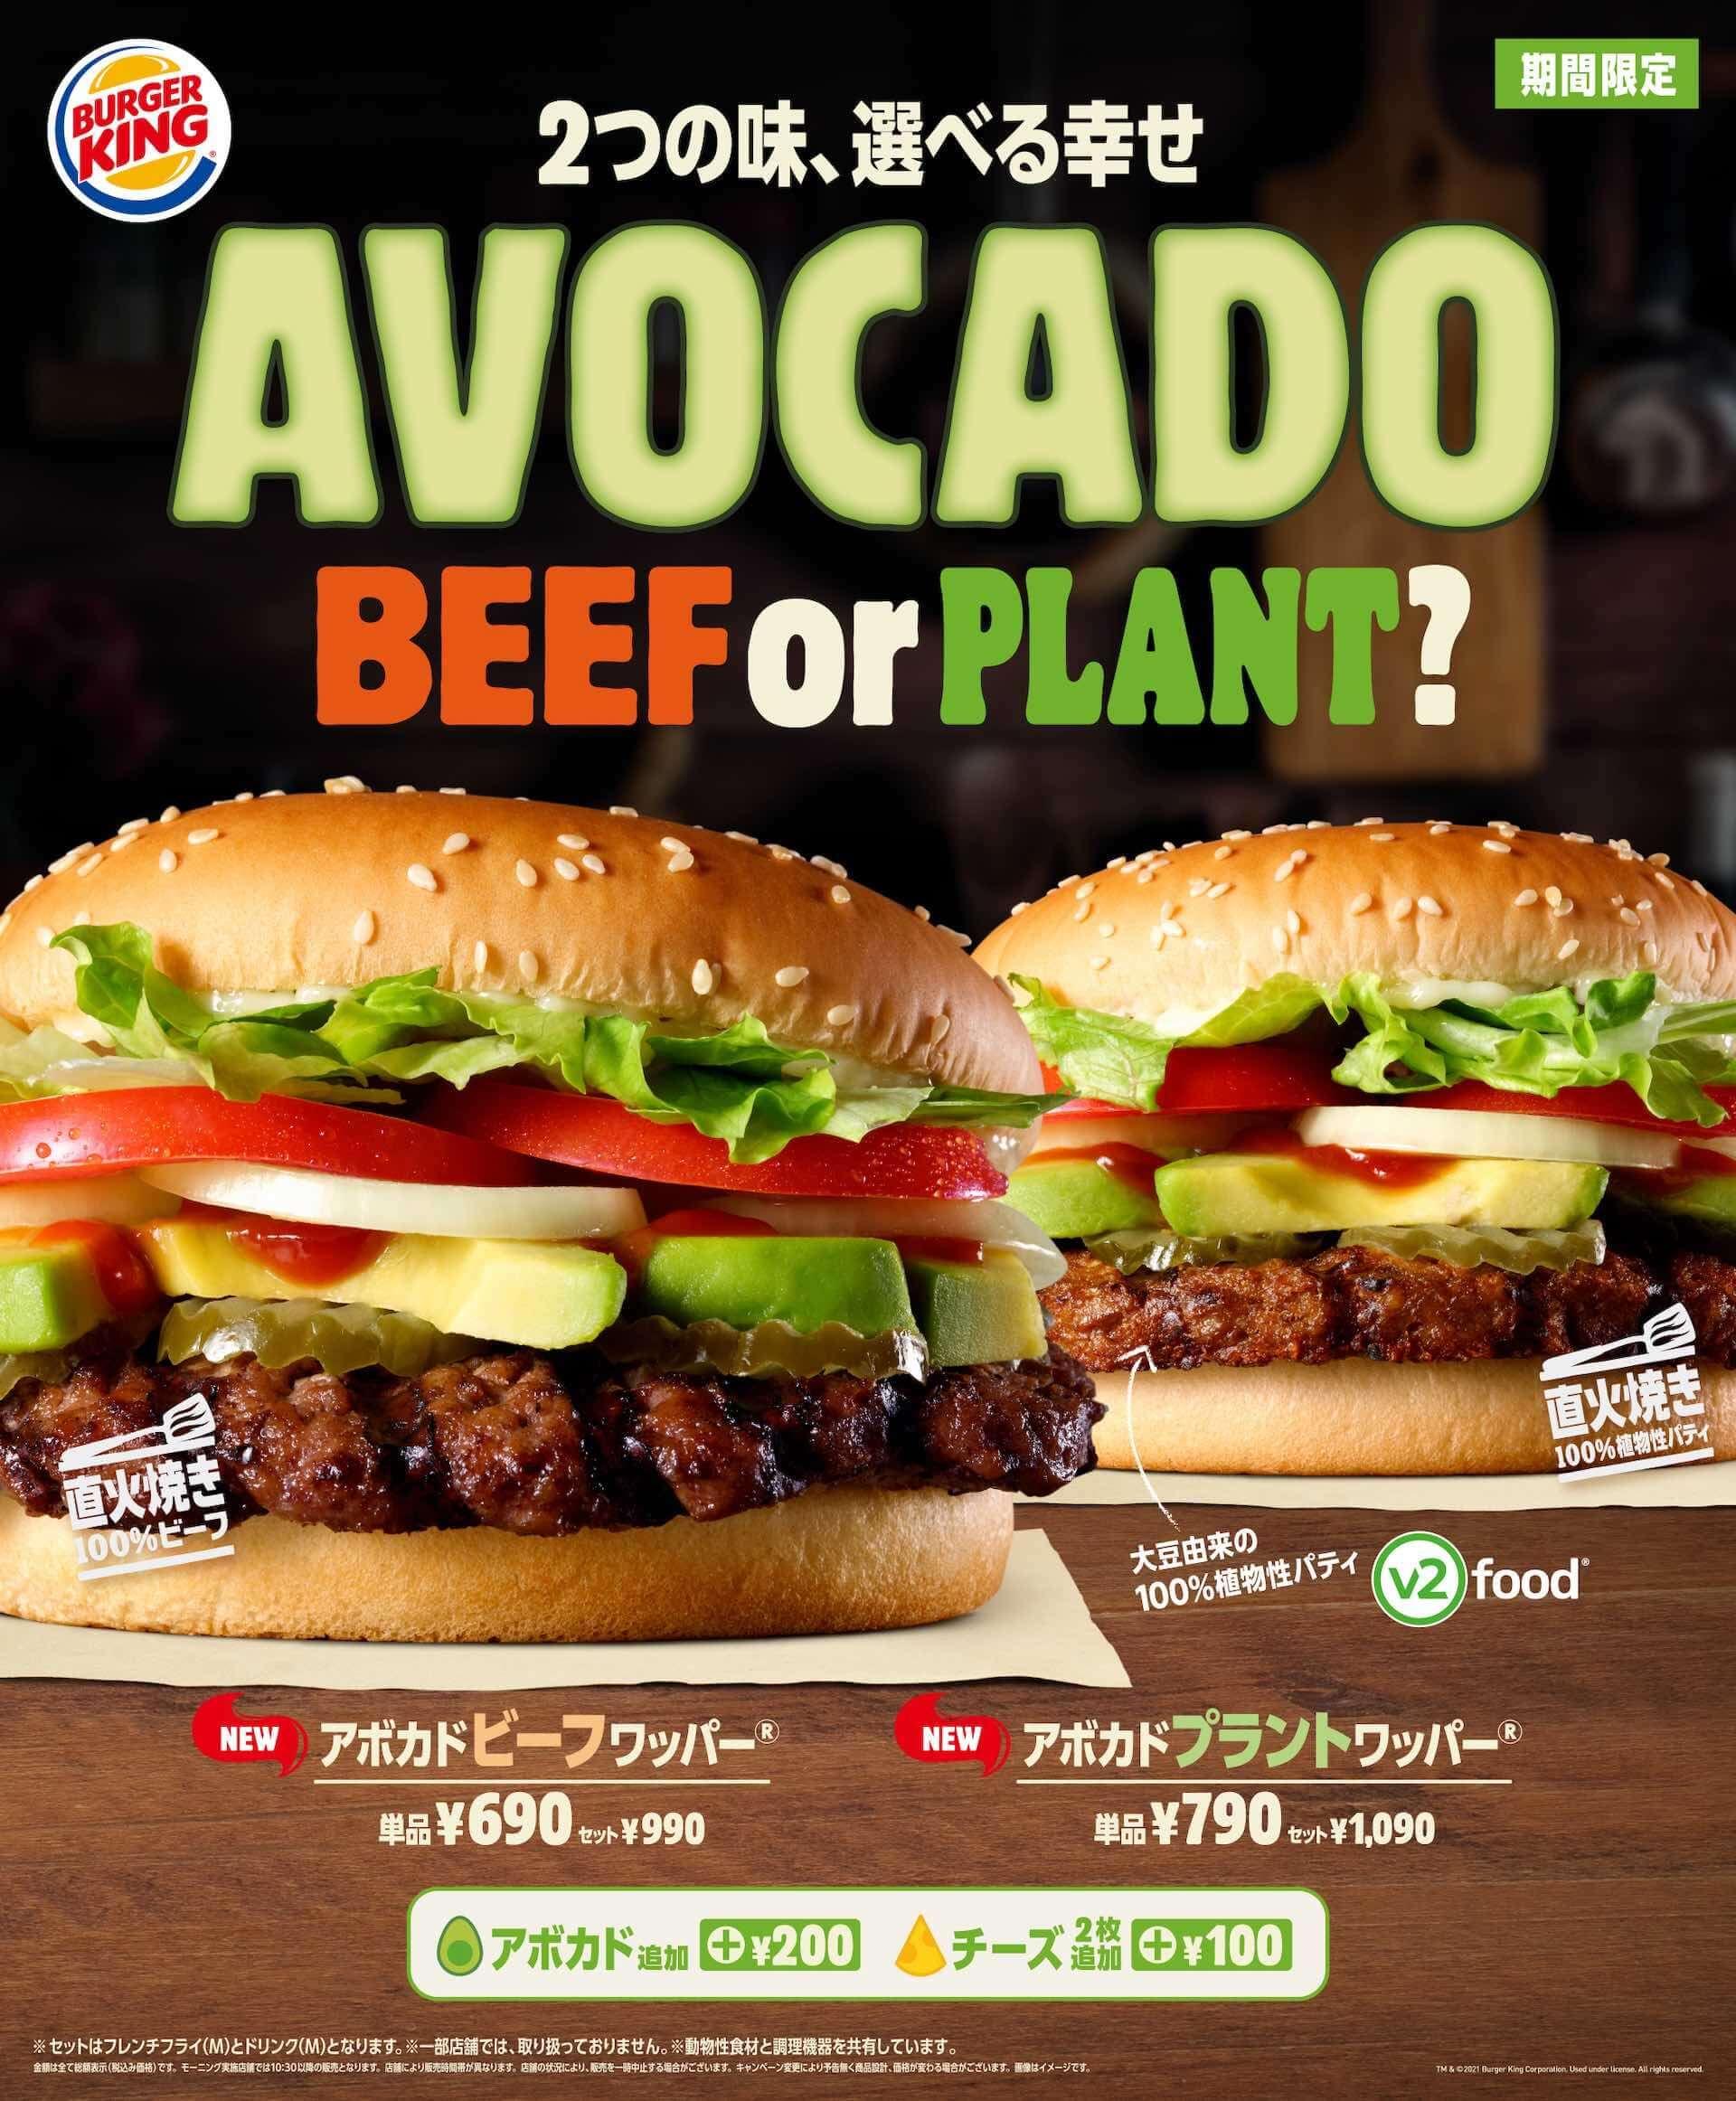 アボカドを贅沢に使ったワッパーがバーガーキングから登場!ビーフ/植物性パティの2種類が期間限定で新発売 gourmet210204_burgerking_3-1920x2324